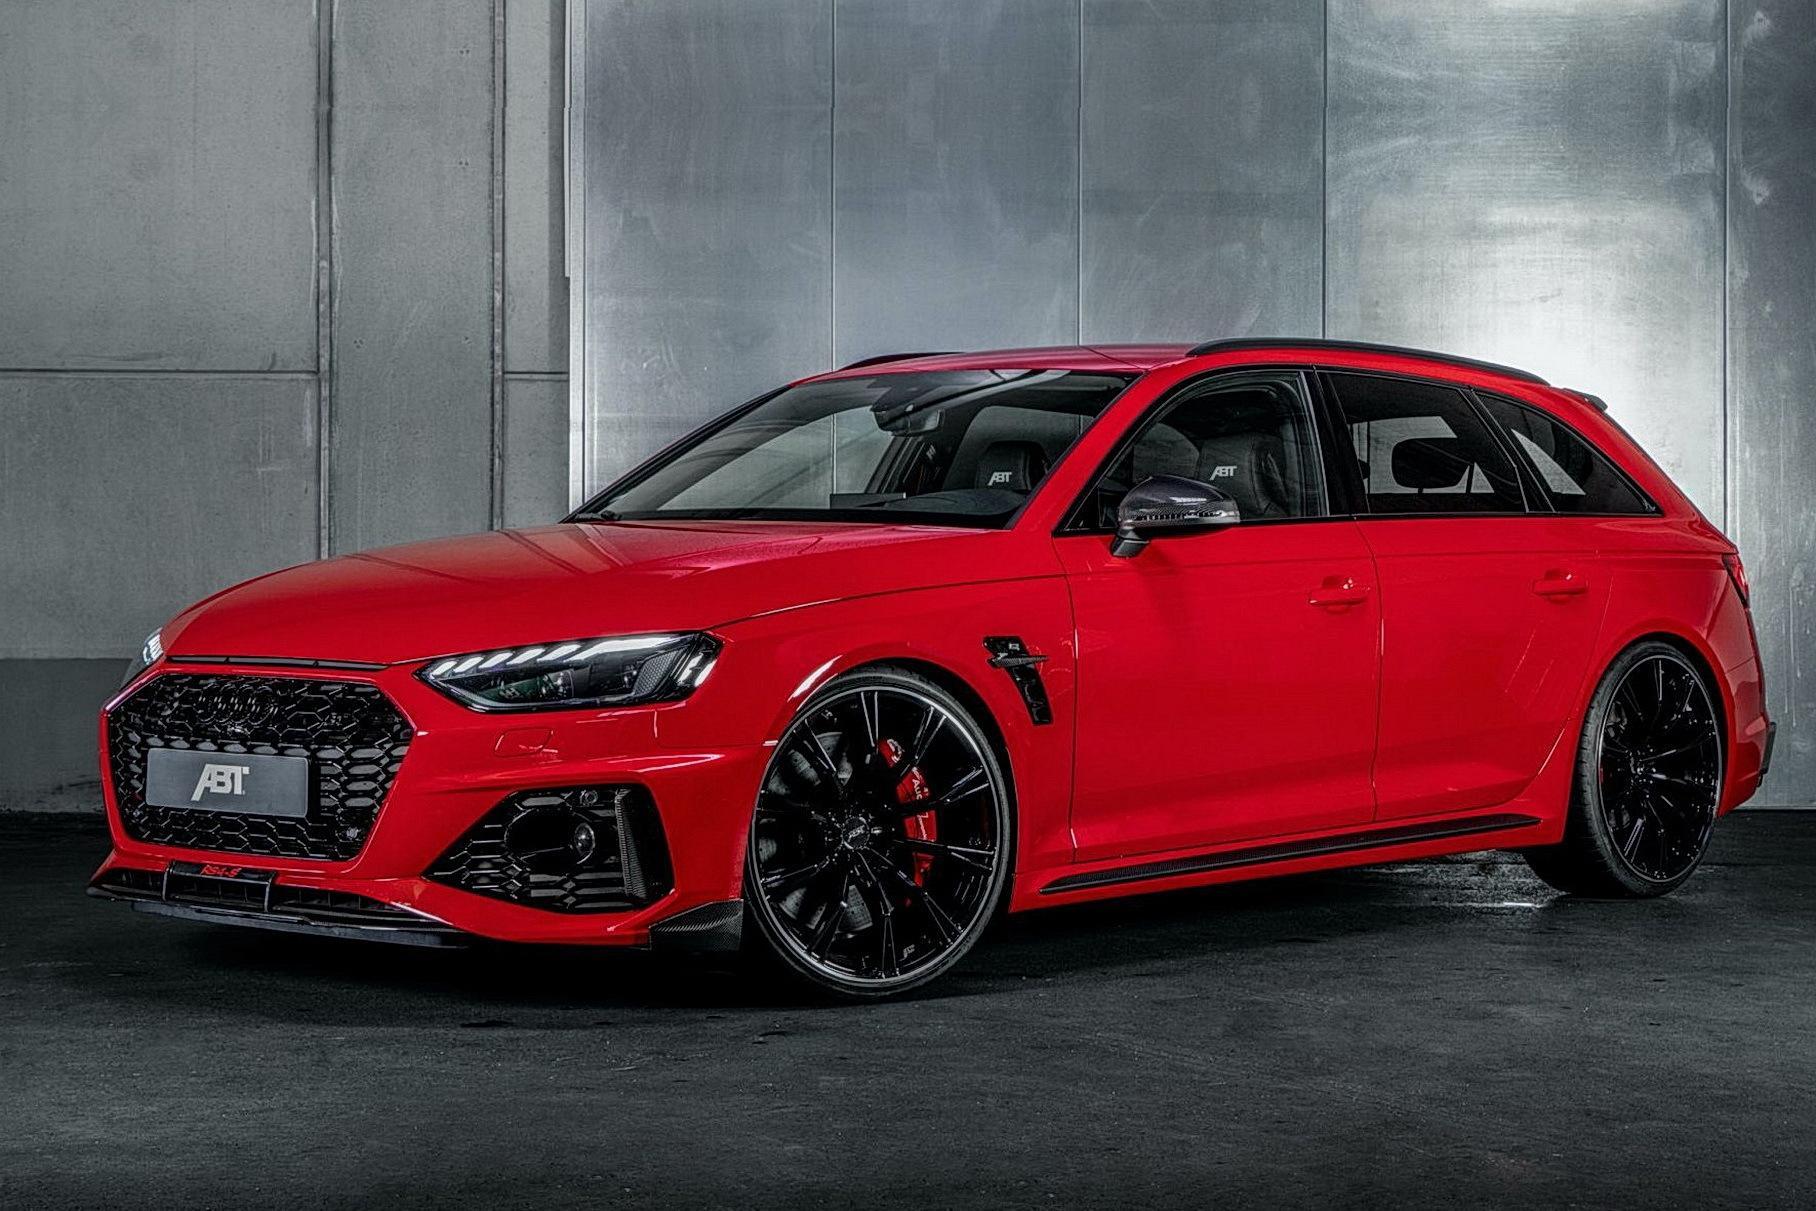 Немецкое ателье ABT Sportsline снабдило «горячий» Audi RS4 форсированным мотором, доработанным шасси и карбоновым декором: новинке досталось обозначение RS4-S.